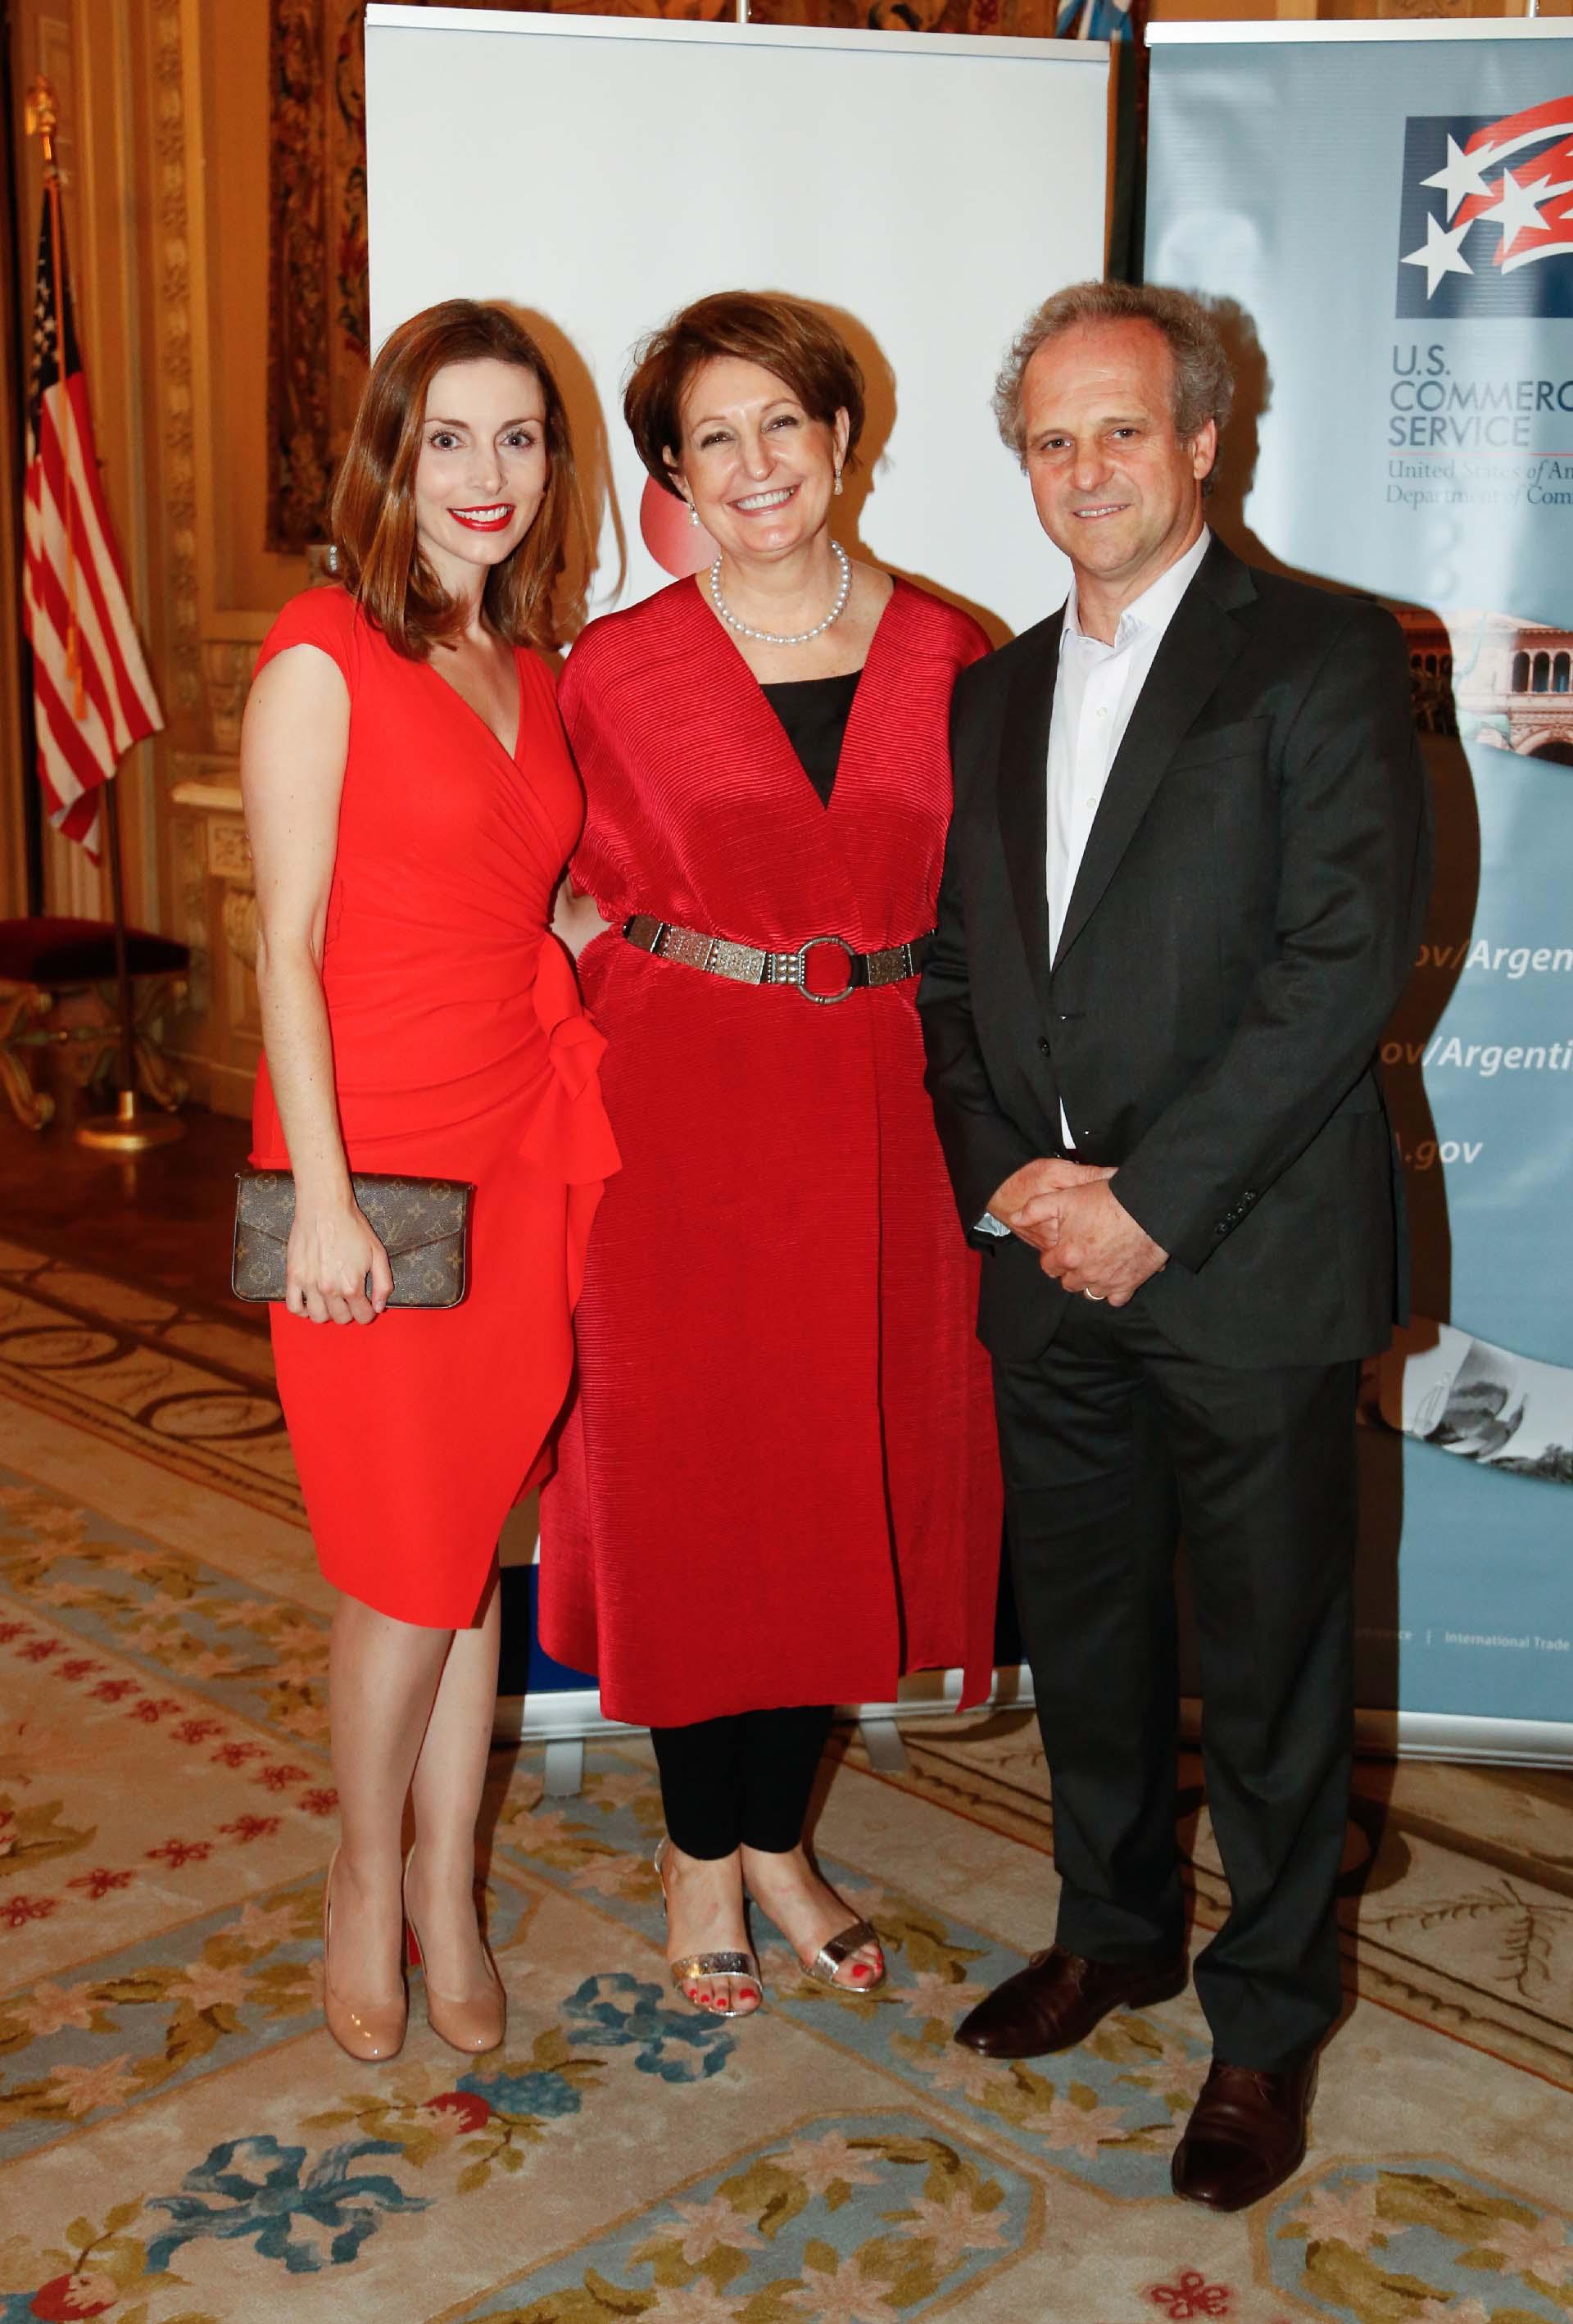 Kezia McKeague, directora de McLarty Associates, junto a MaryKay Carlson y Roberto Alexander